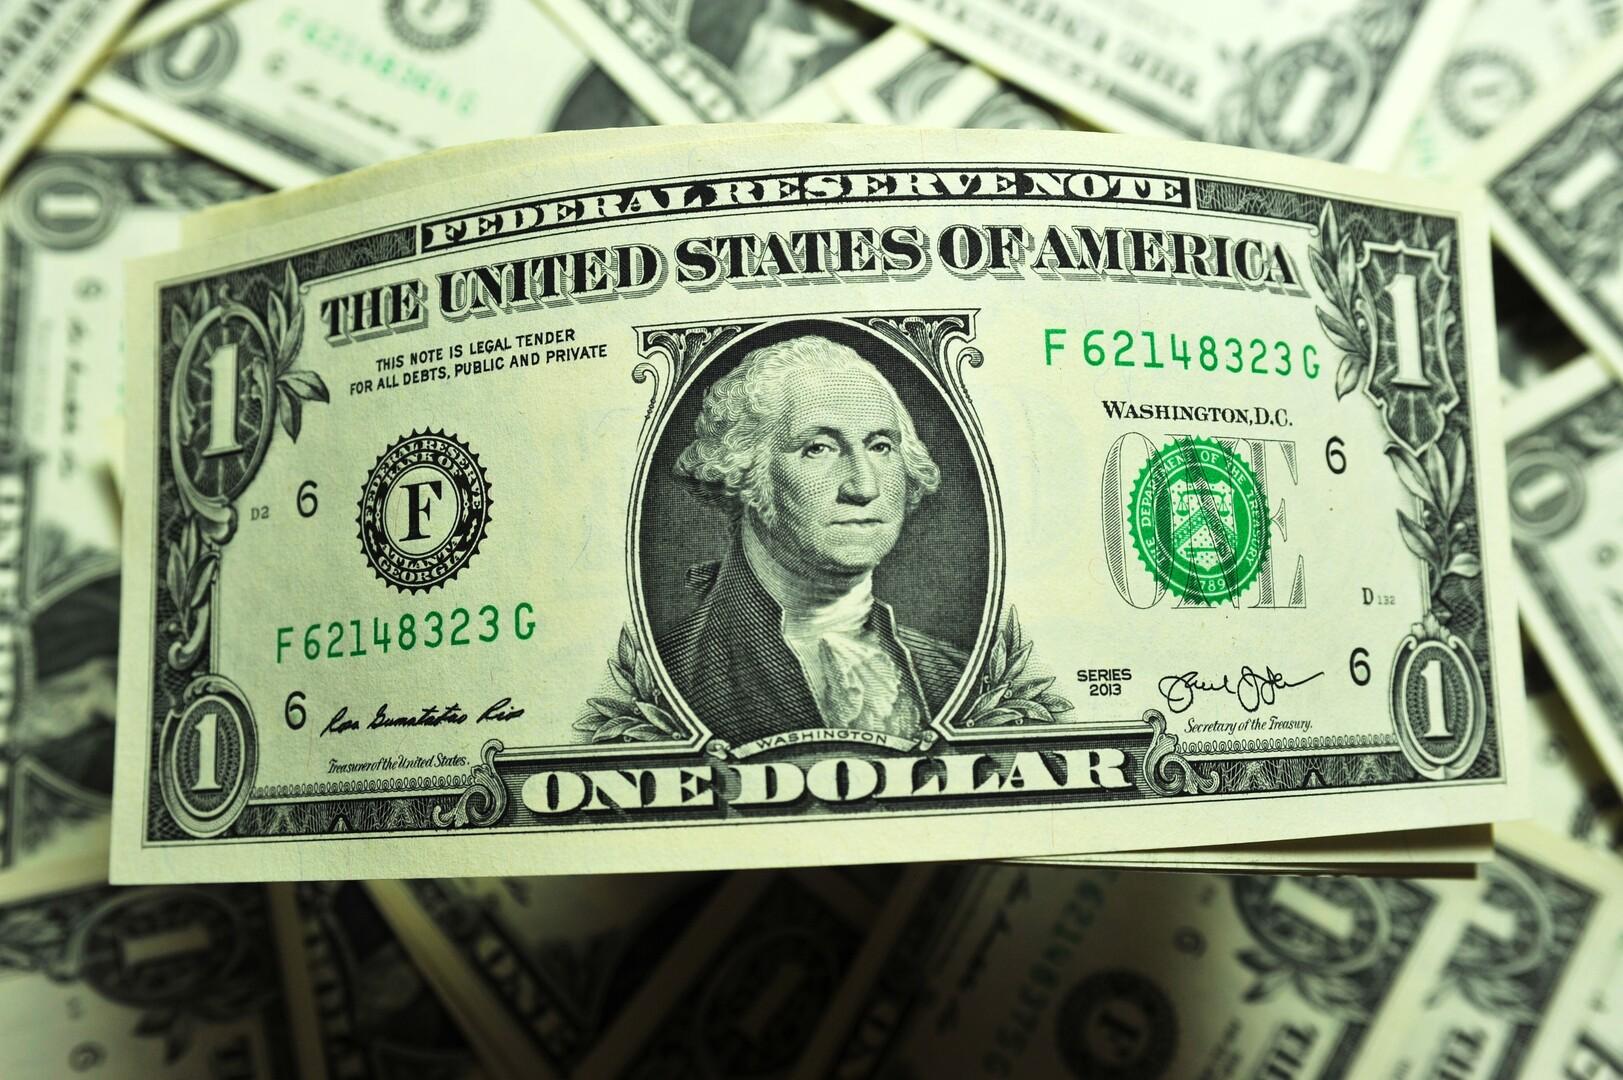 المركزي اللبناني يصدر قائمة بمواد سيوفر الدولار لاستيرادها